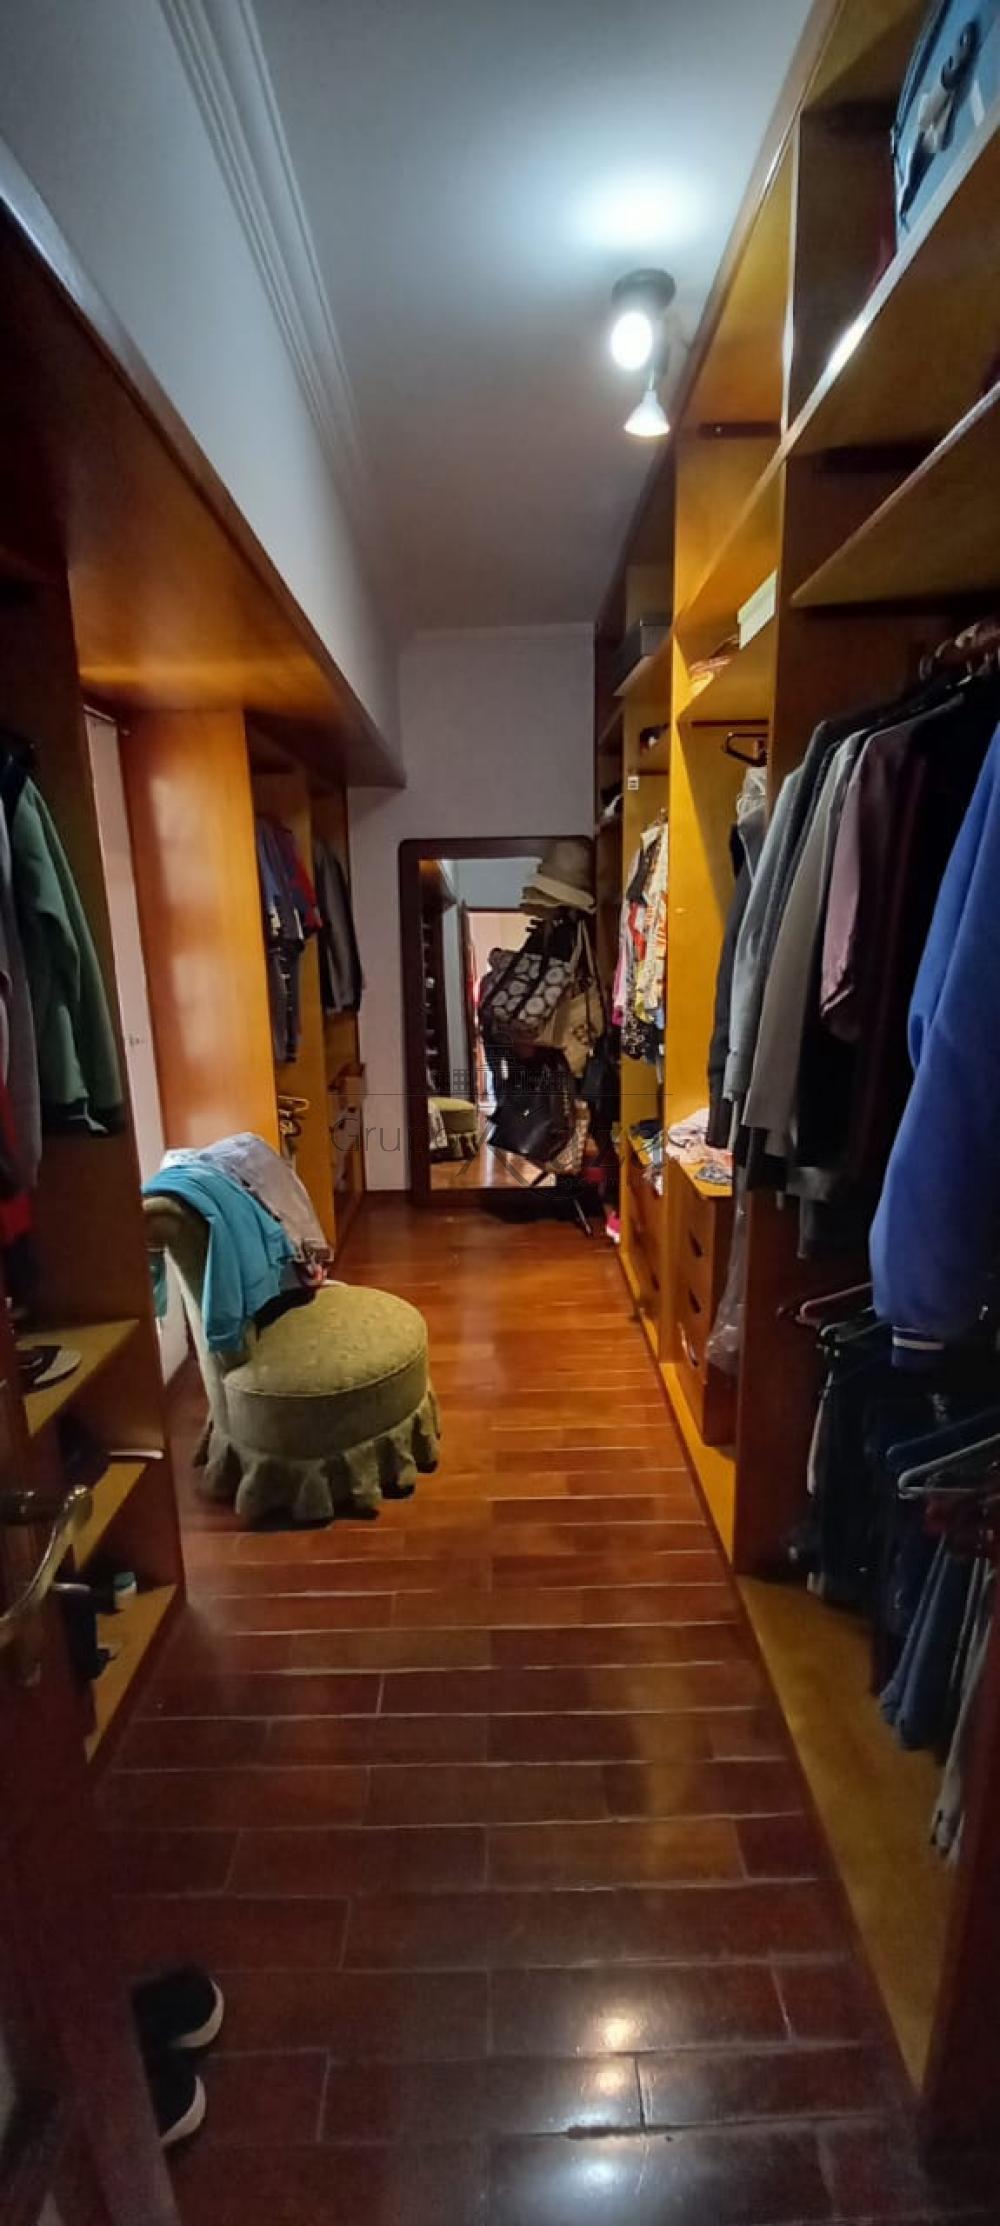 alt='Comprar Casa / Comercial / Residencial em São José dos Campos R$ 1.500.000,00 - Foto 23' title='Comprar Casa / Comercial / Residencial em São José dos Campos R$ 1.500.000,00 - Foto 23'